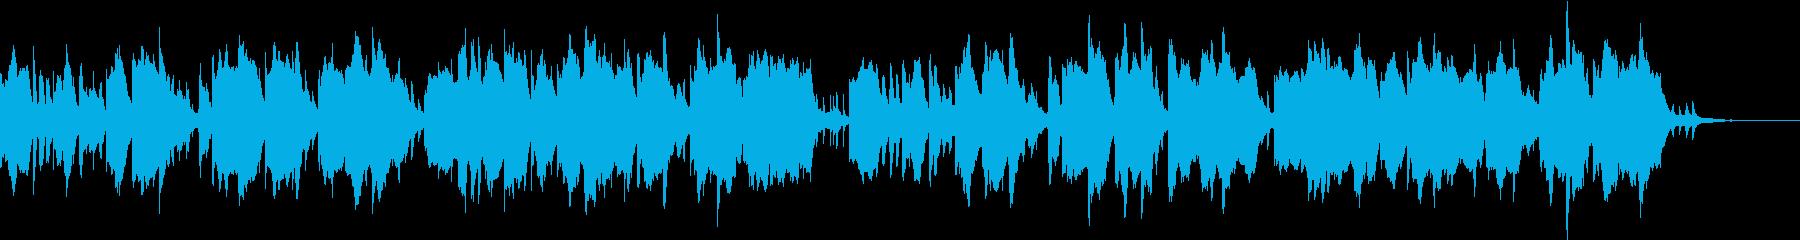 住民が来た場面 ゲームの再生済みの波形